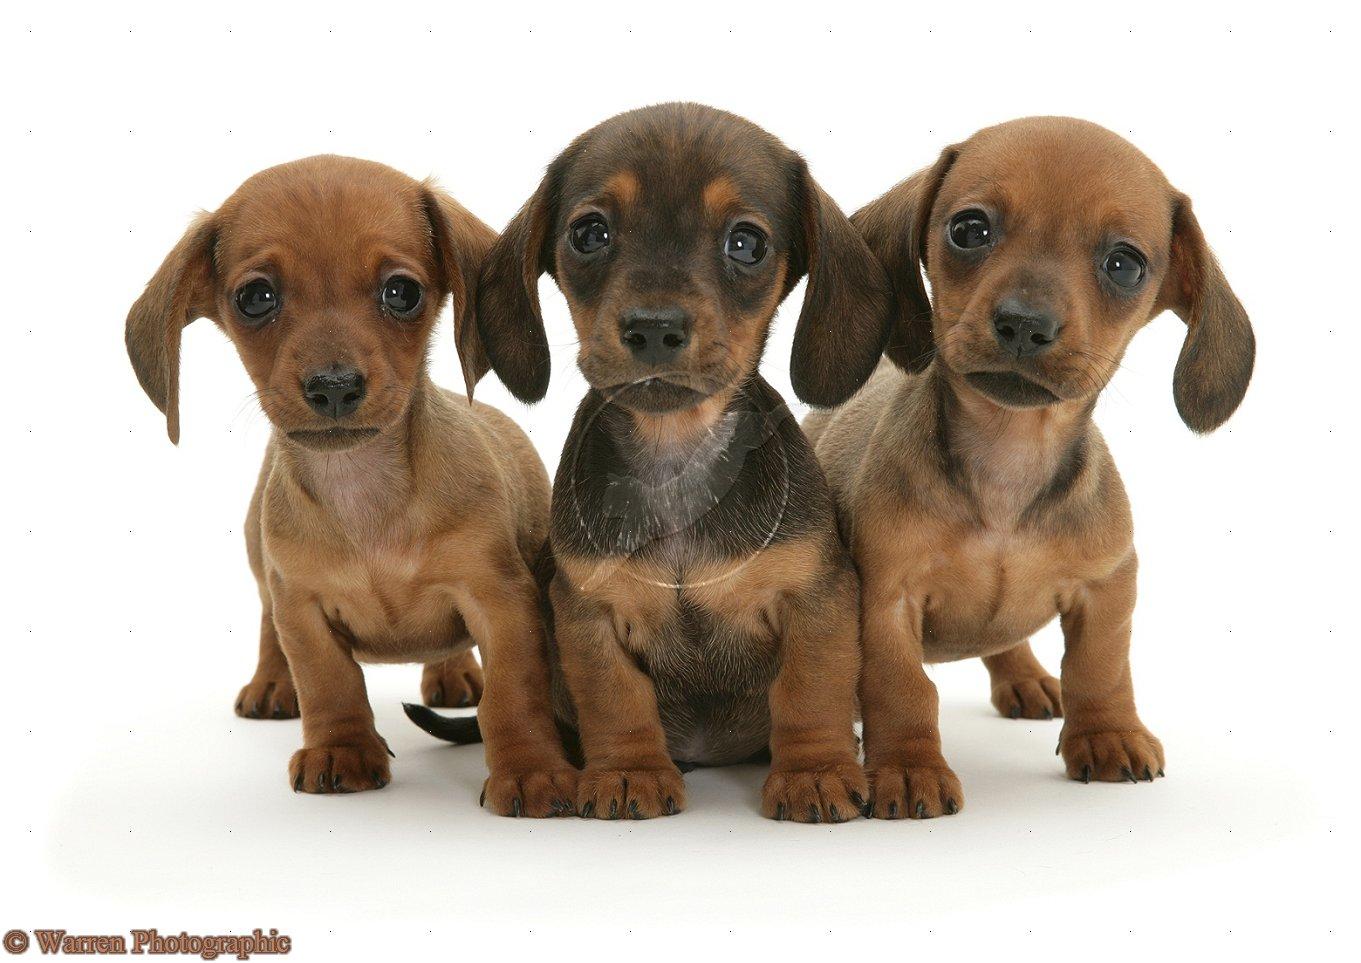 Rottweiler Puppies Wallpaper